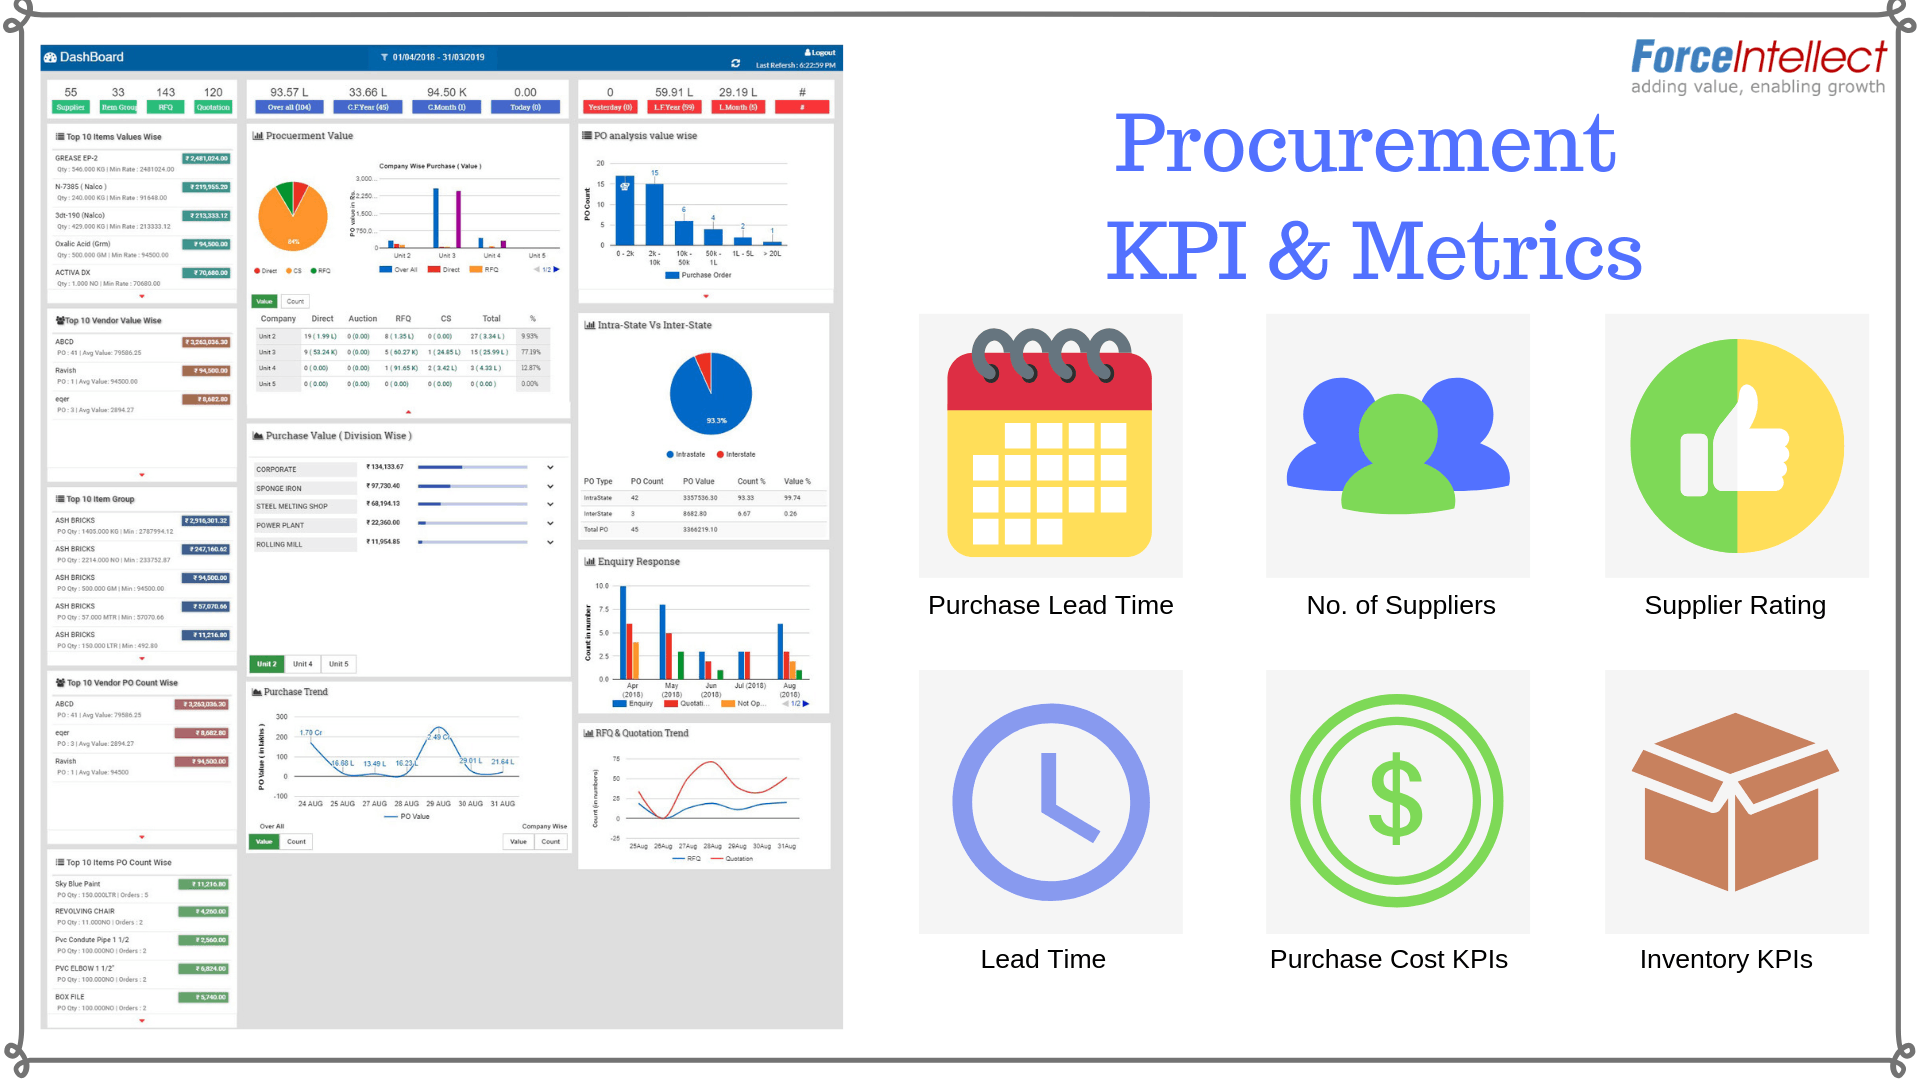 Procurement KPI Metrics